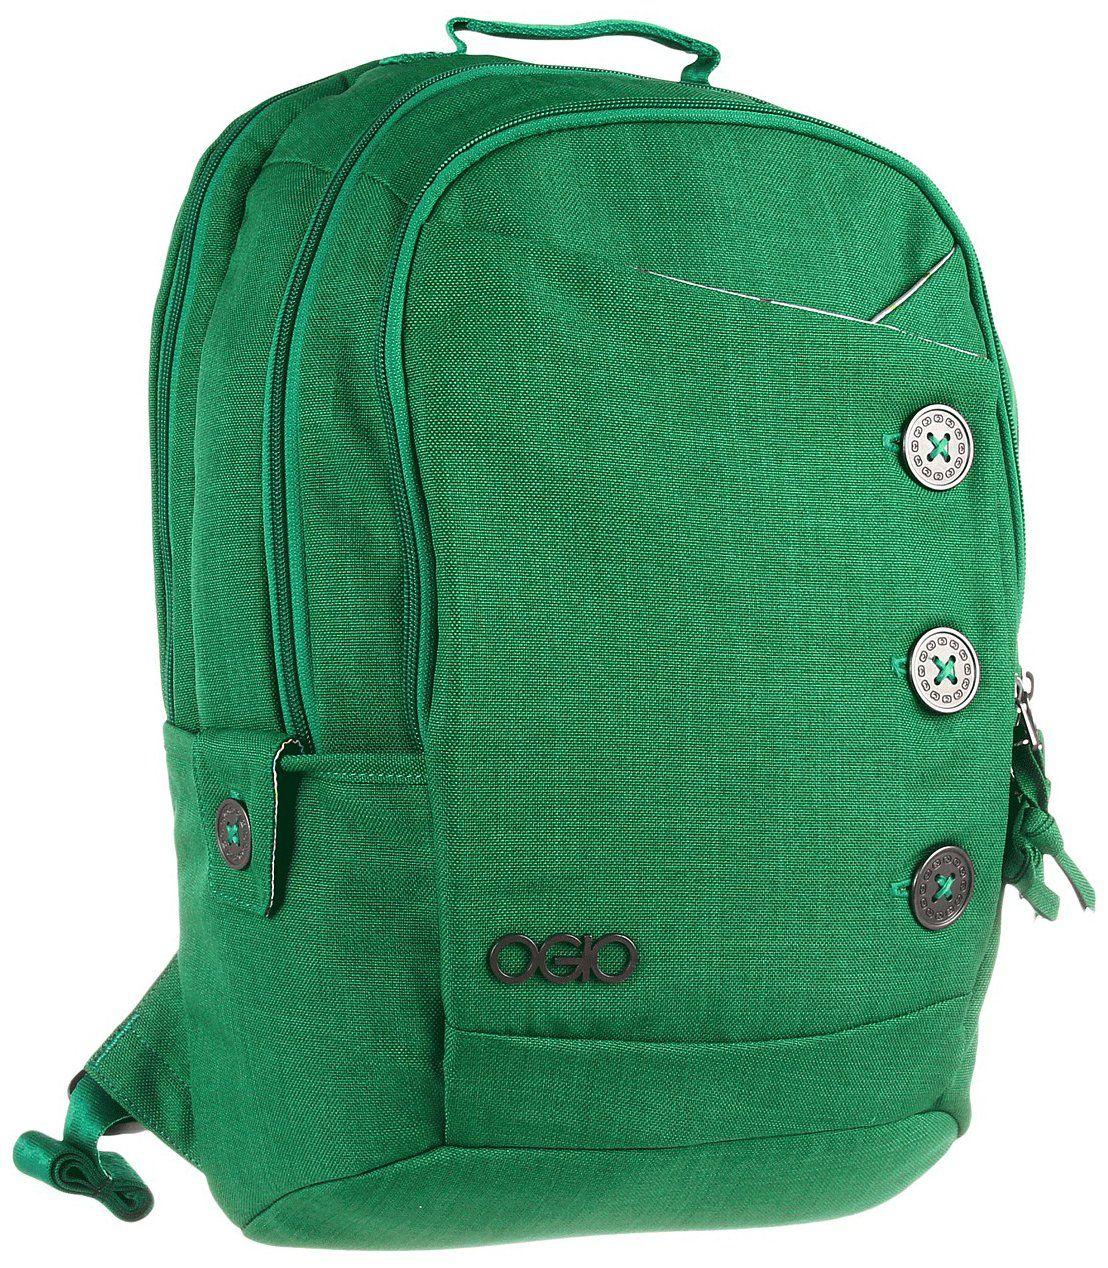 OGIO Soho Backpack, Emerald-One Size | Colleges, Soho and Emeralds